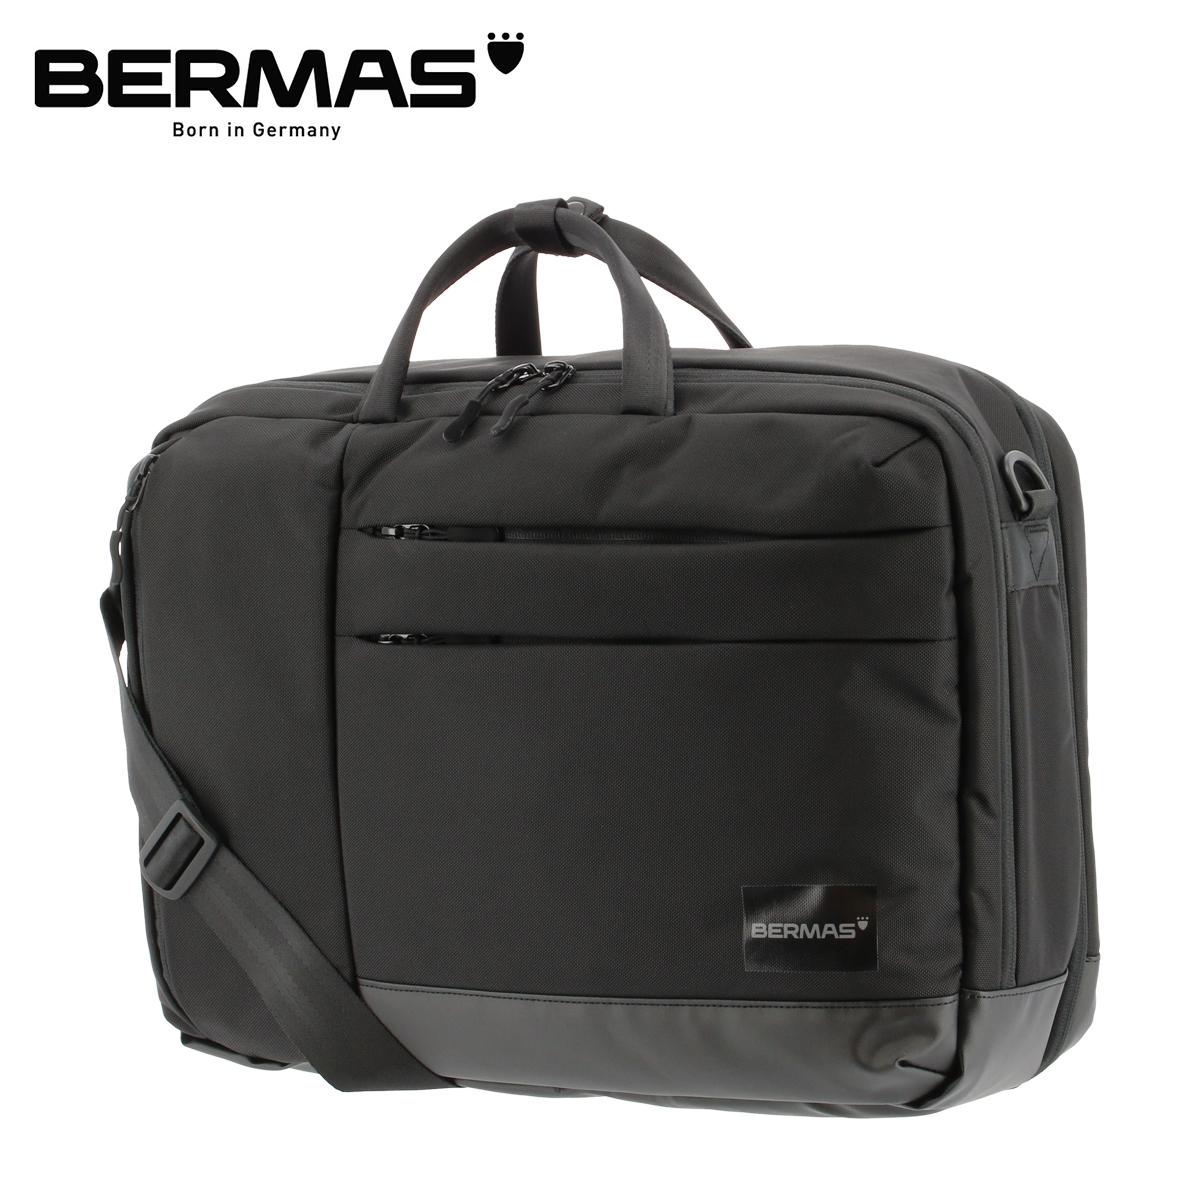 バーマス ビジネスバッグ 3WAY メンズFL-077 BERMAS | ブリーフケース リュック ショルダーバッグ FREELANCE × BERMAS [12/29][PO5]